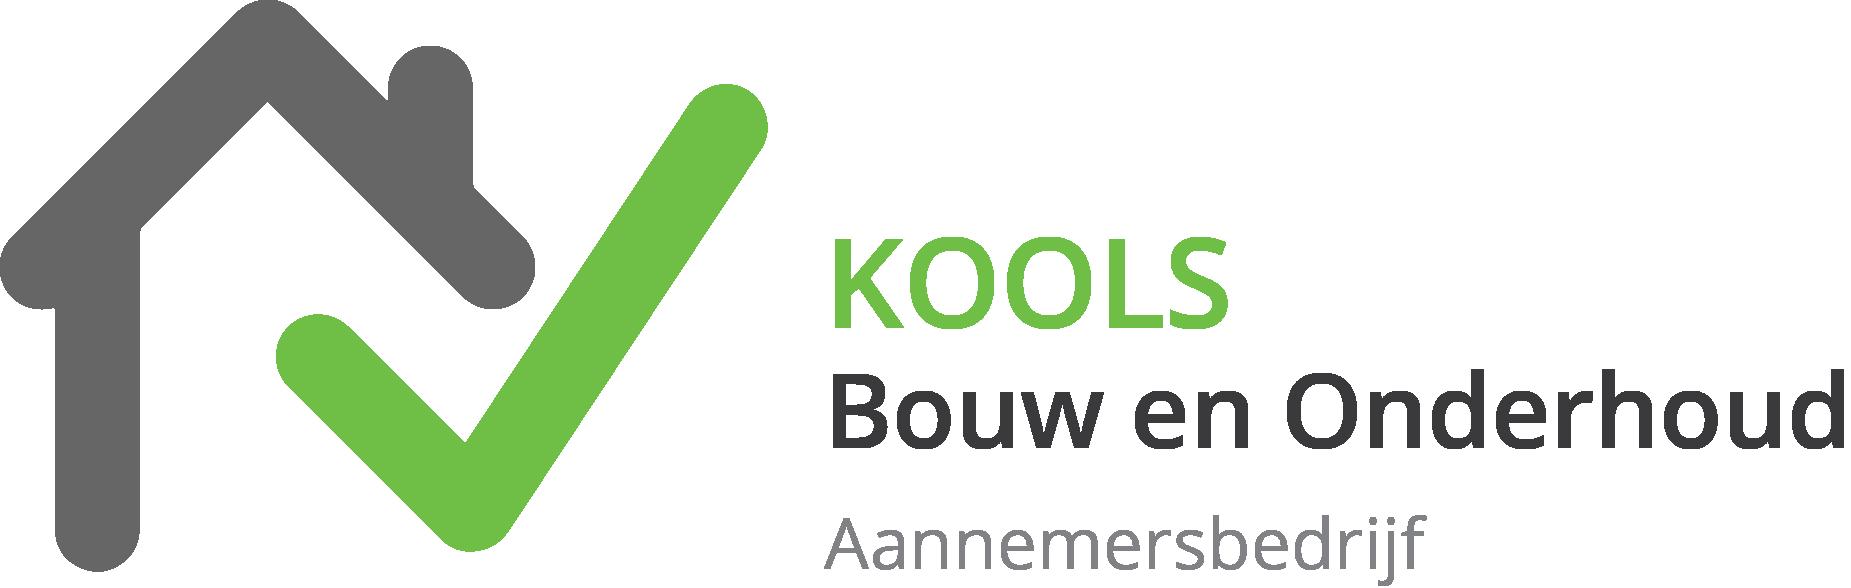 Kools Bouw & Onderhoud